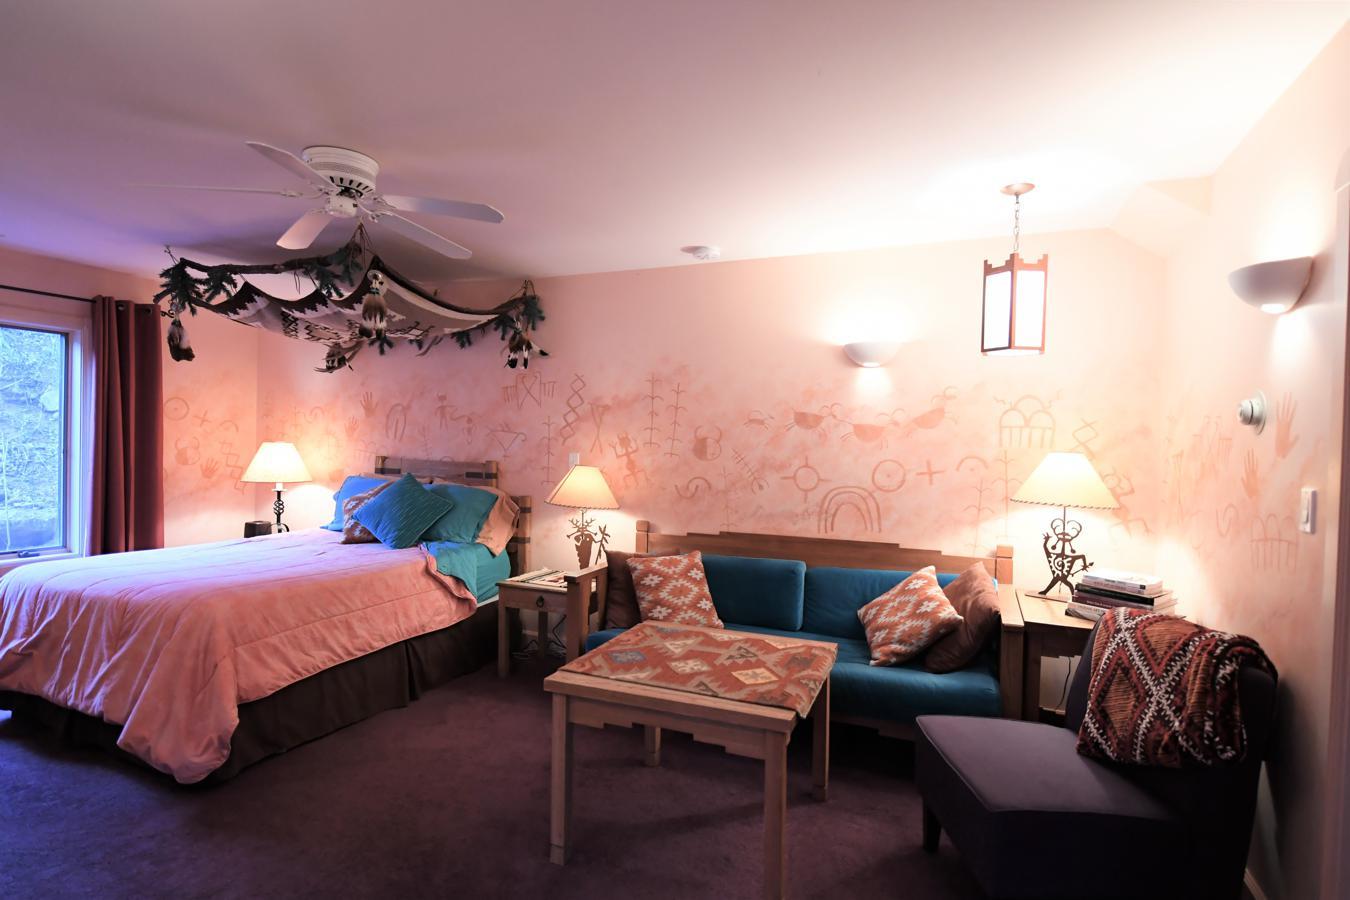 Indian Rock Art Suite Bed And Breakfast Blue Skies Inn